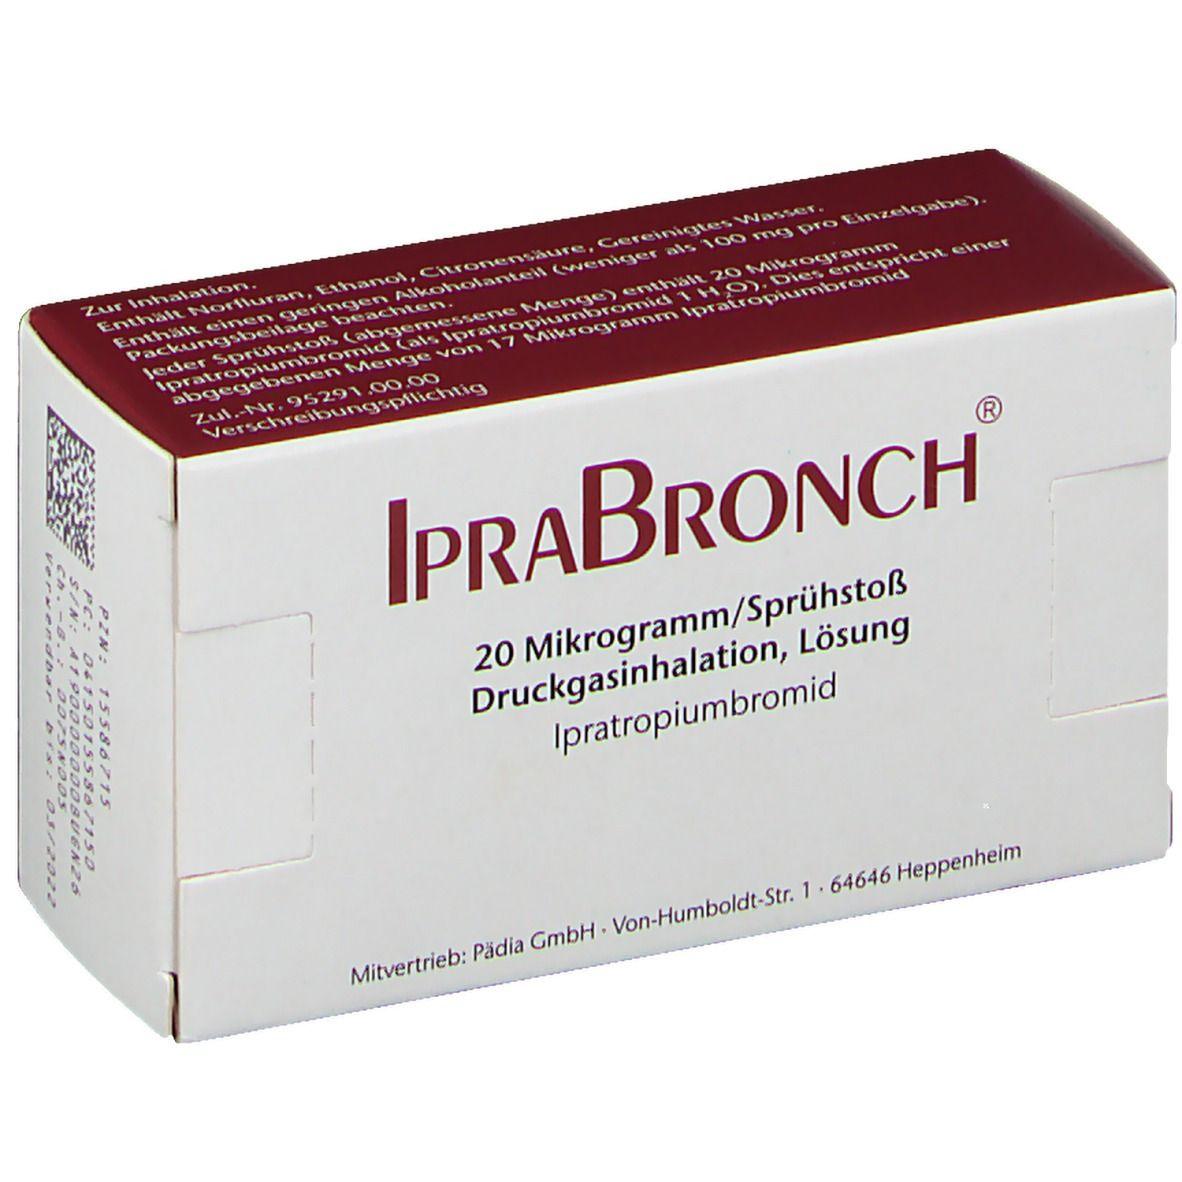 IPRABRONCH 20 µg/Sprühstoß Druckgasinhalation Lsg.